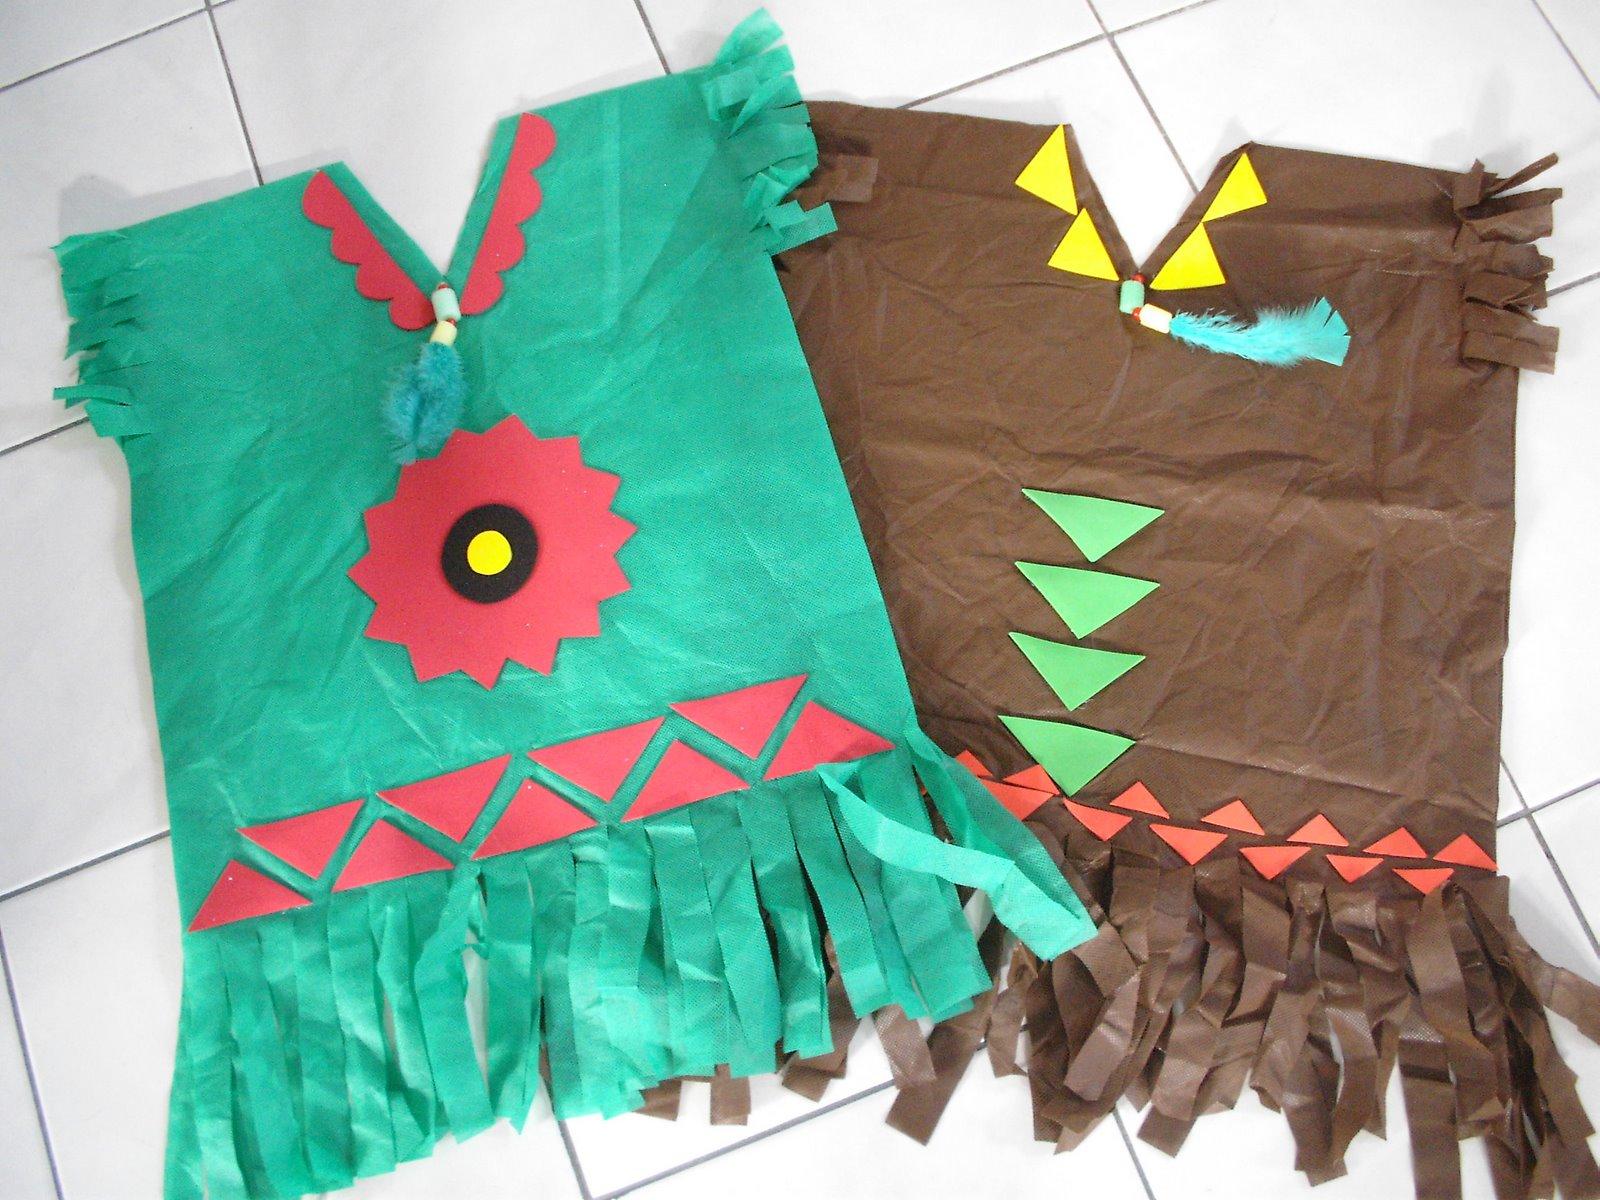 Vestimentas De Reciclaje De La Selva | apexwallpapers.com